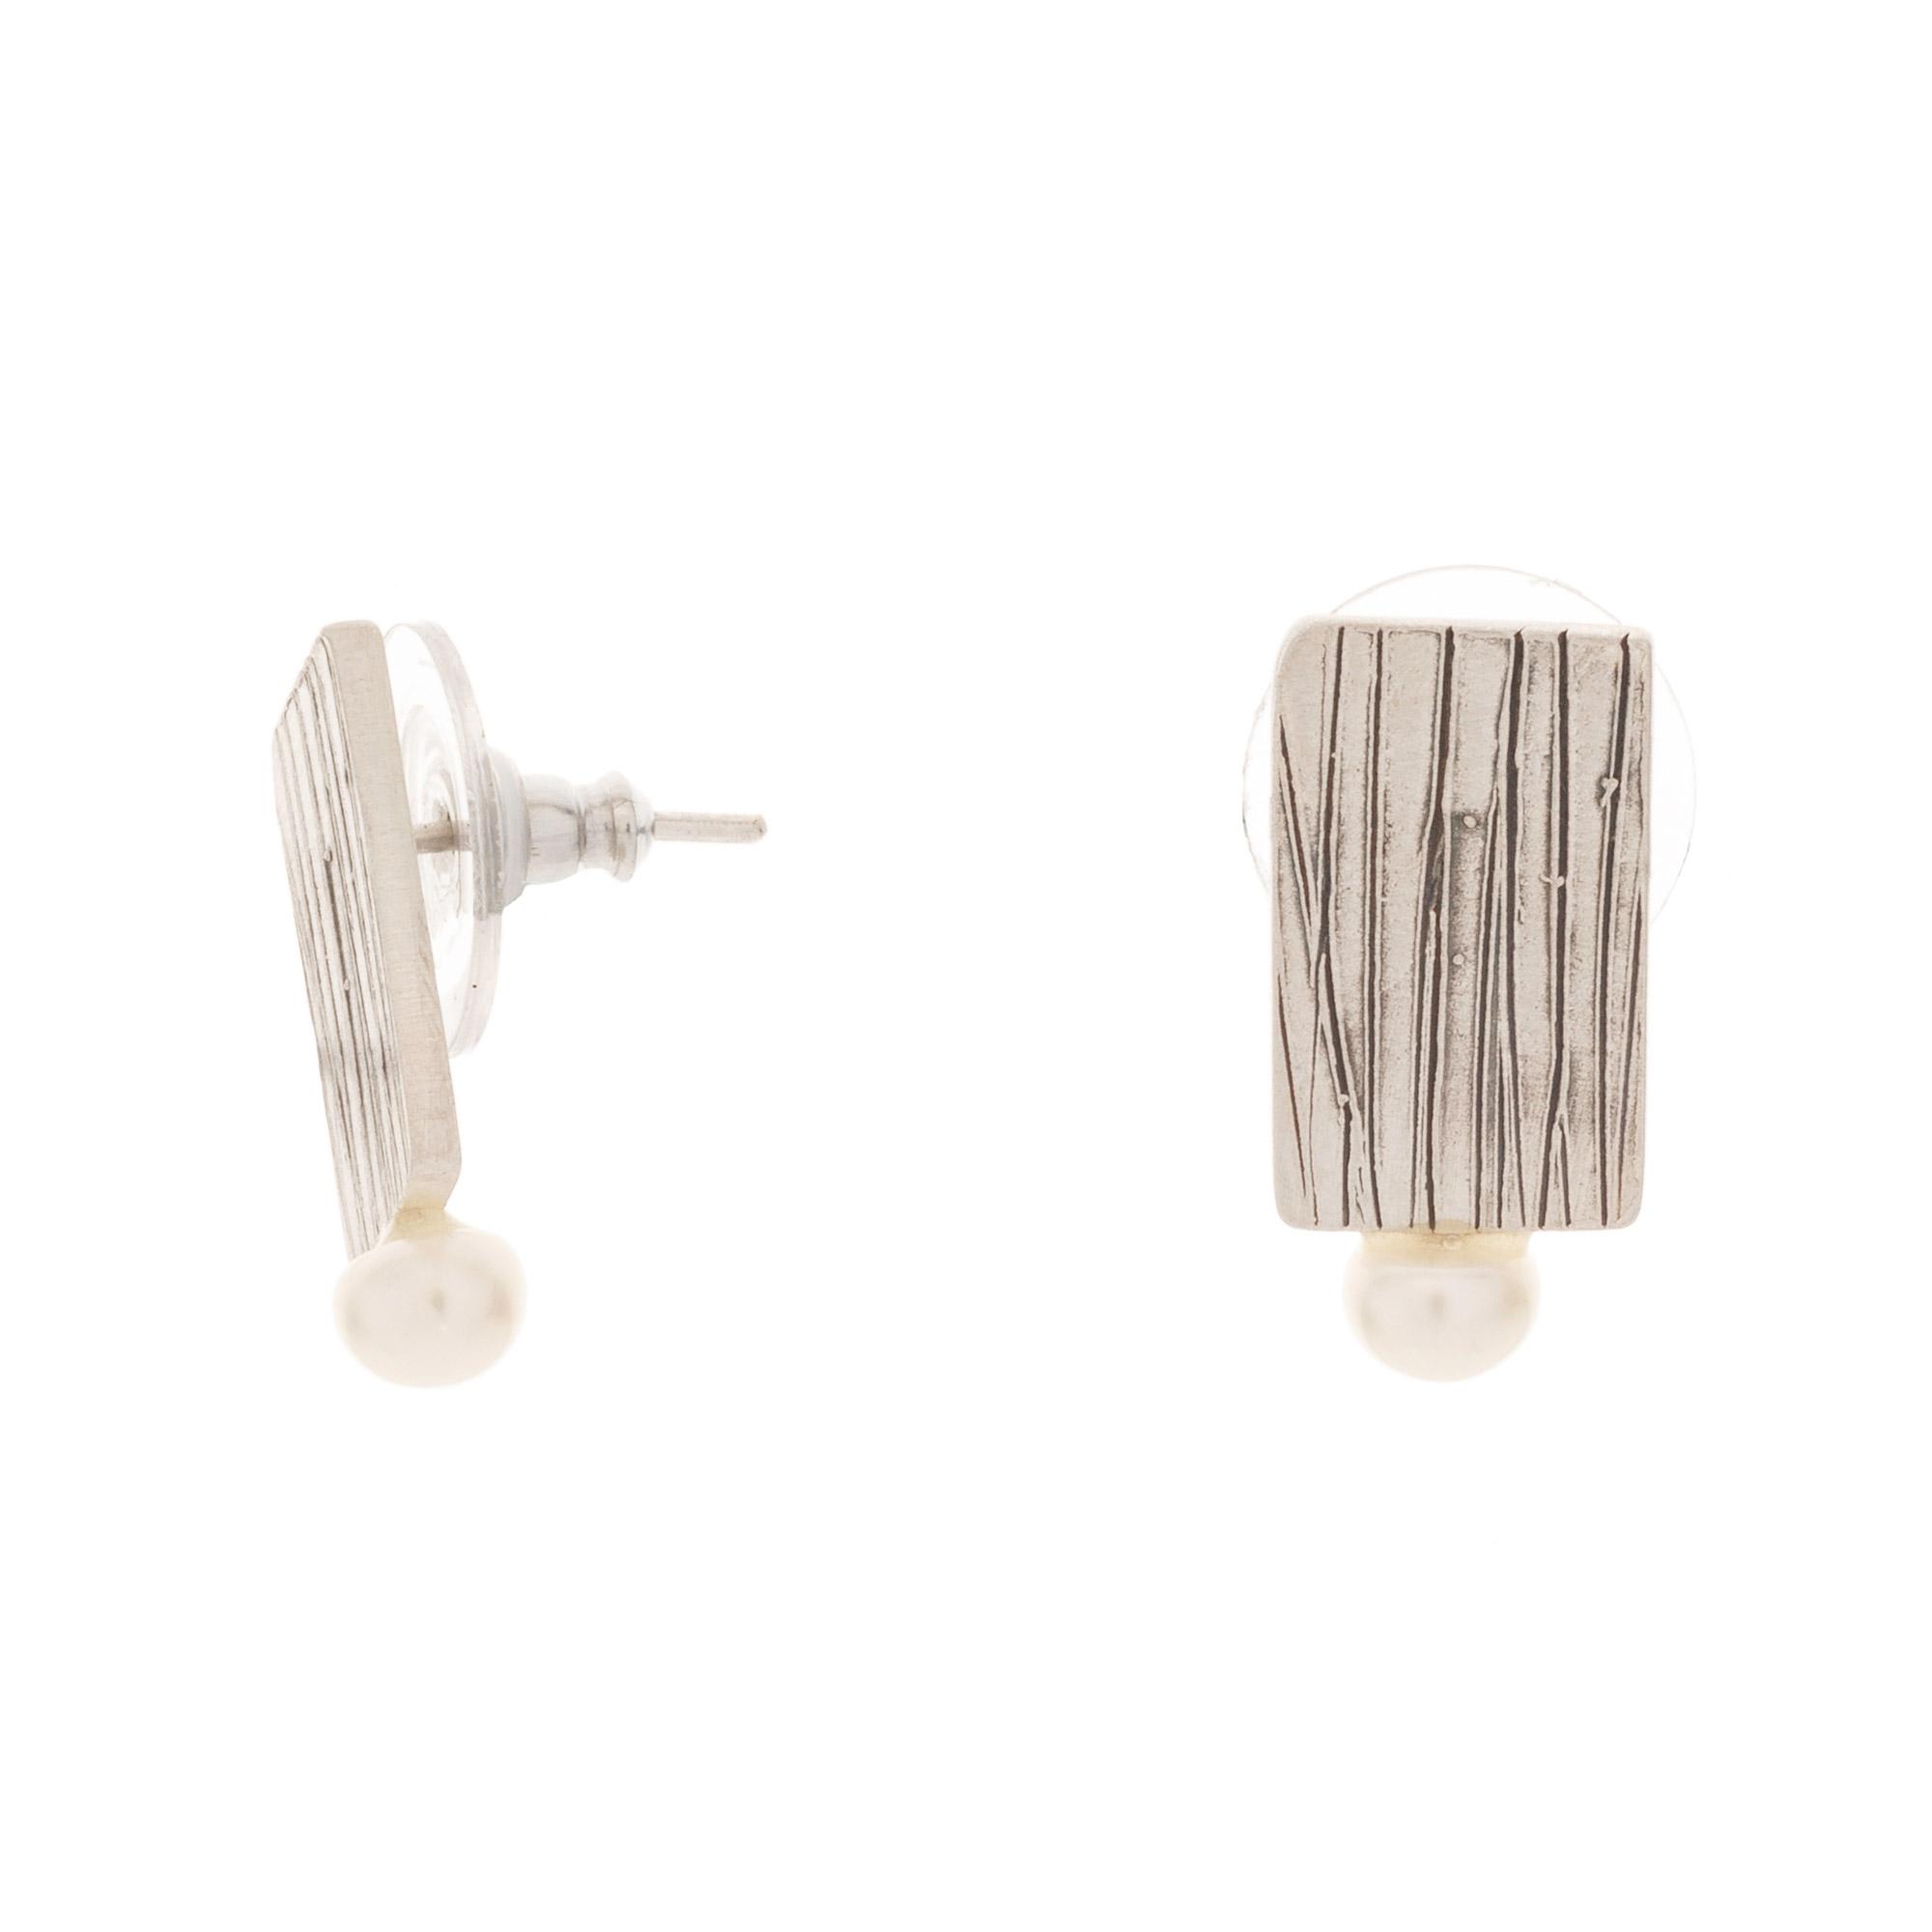 Belarritakoak, zilarrean eskuz egina, textura, perla harri txuri naturala eta mate akabera.